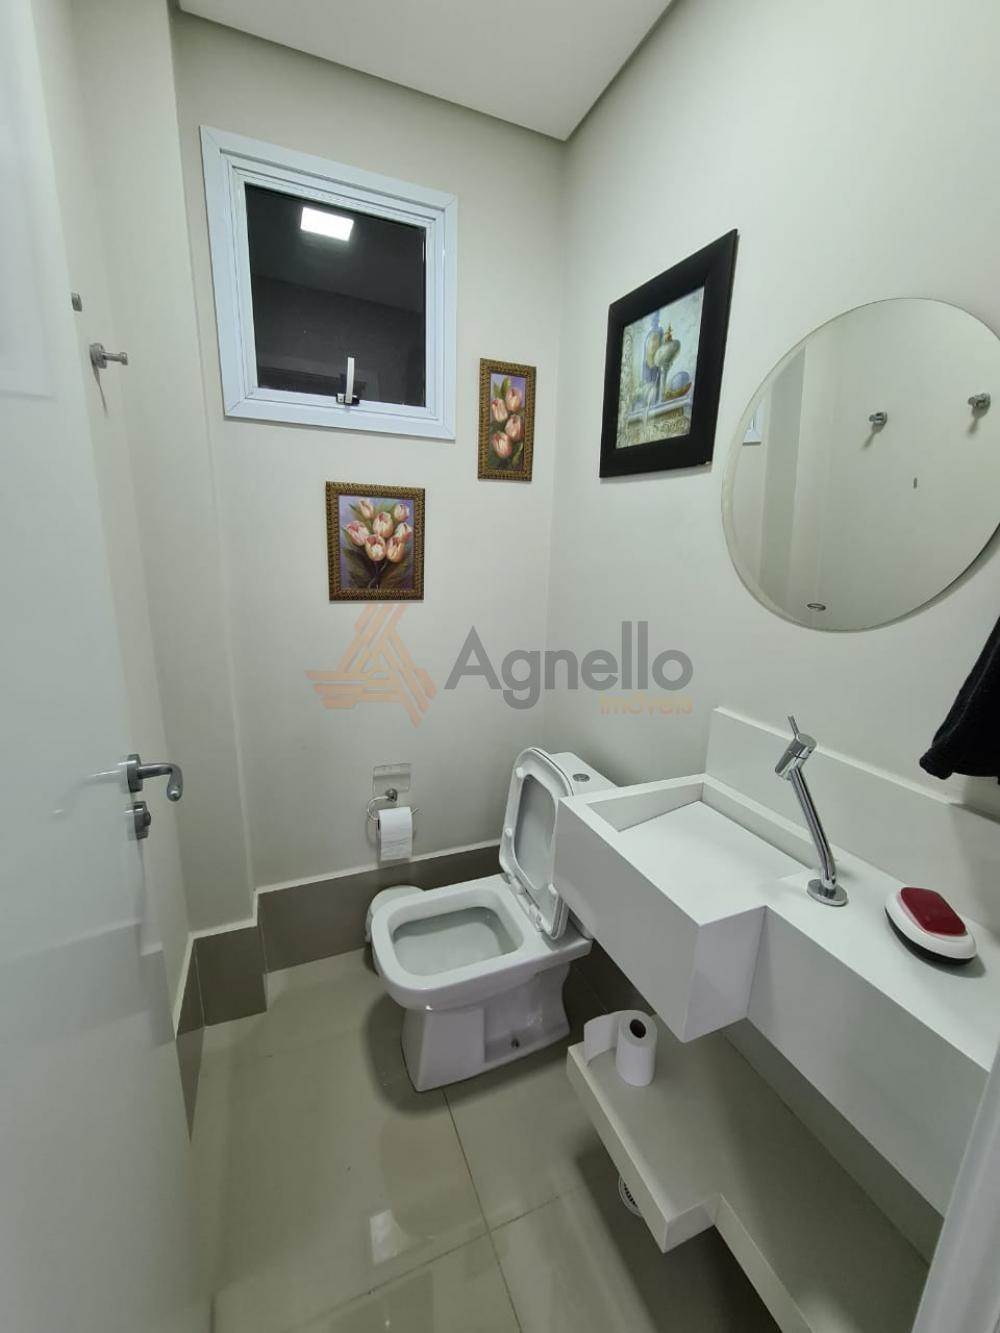 Comprar Apartamento / Padrão em Franca R$ 850.000,00 - Foto 5